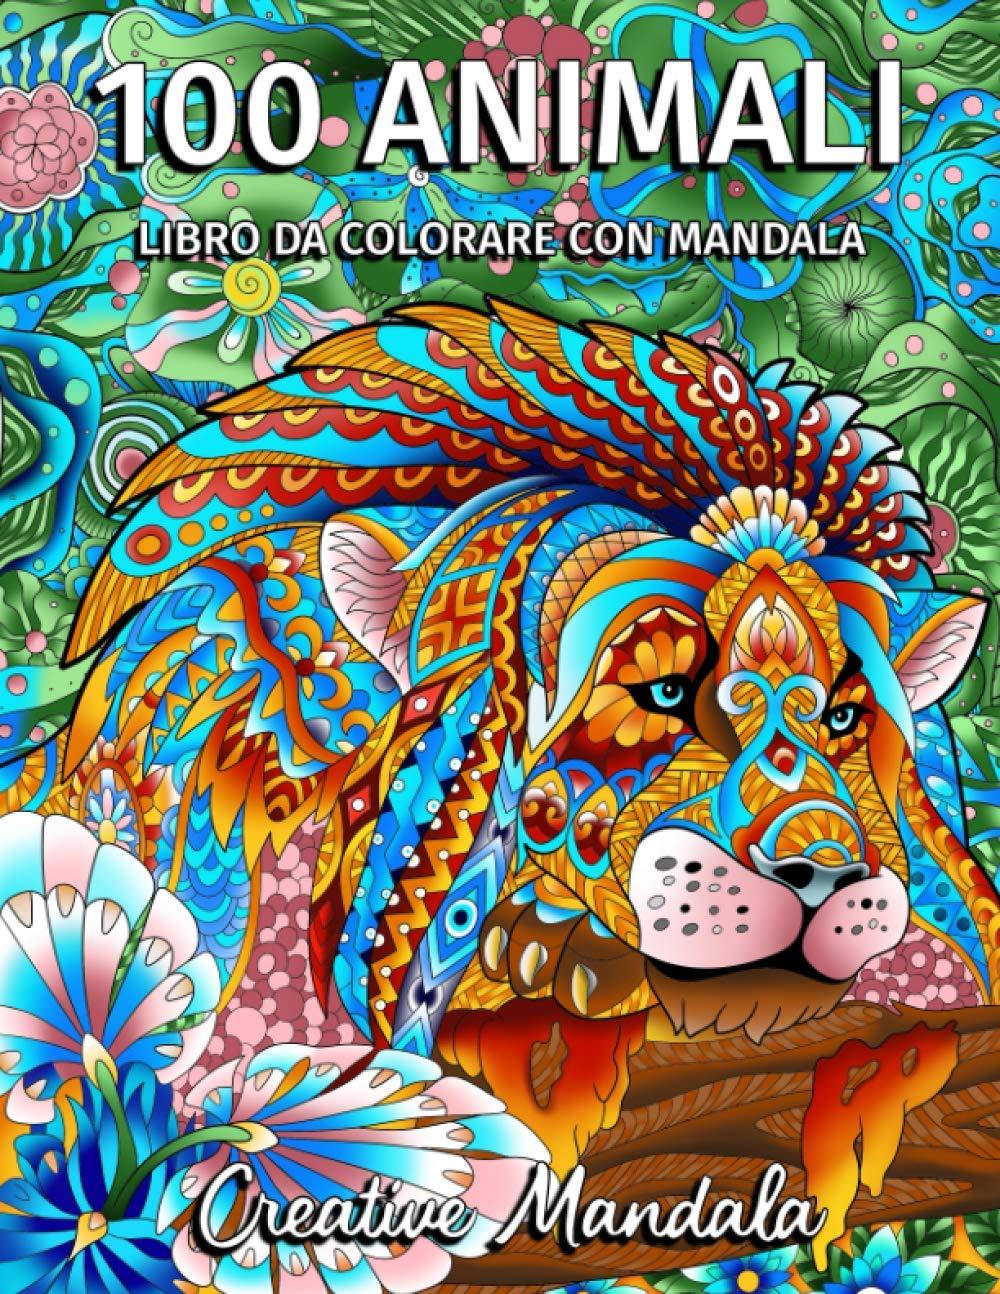 100 Animali da colorare con mandala – Volume 2